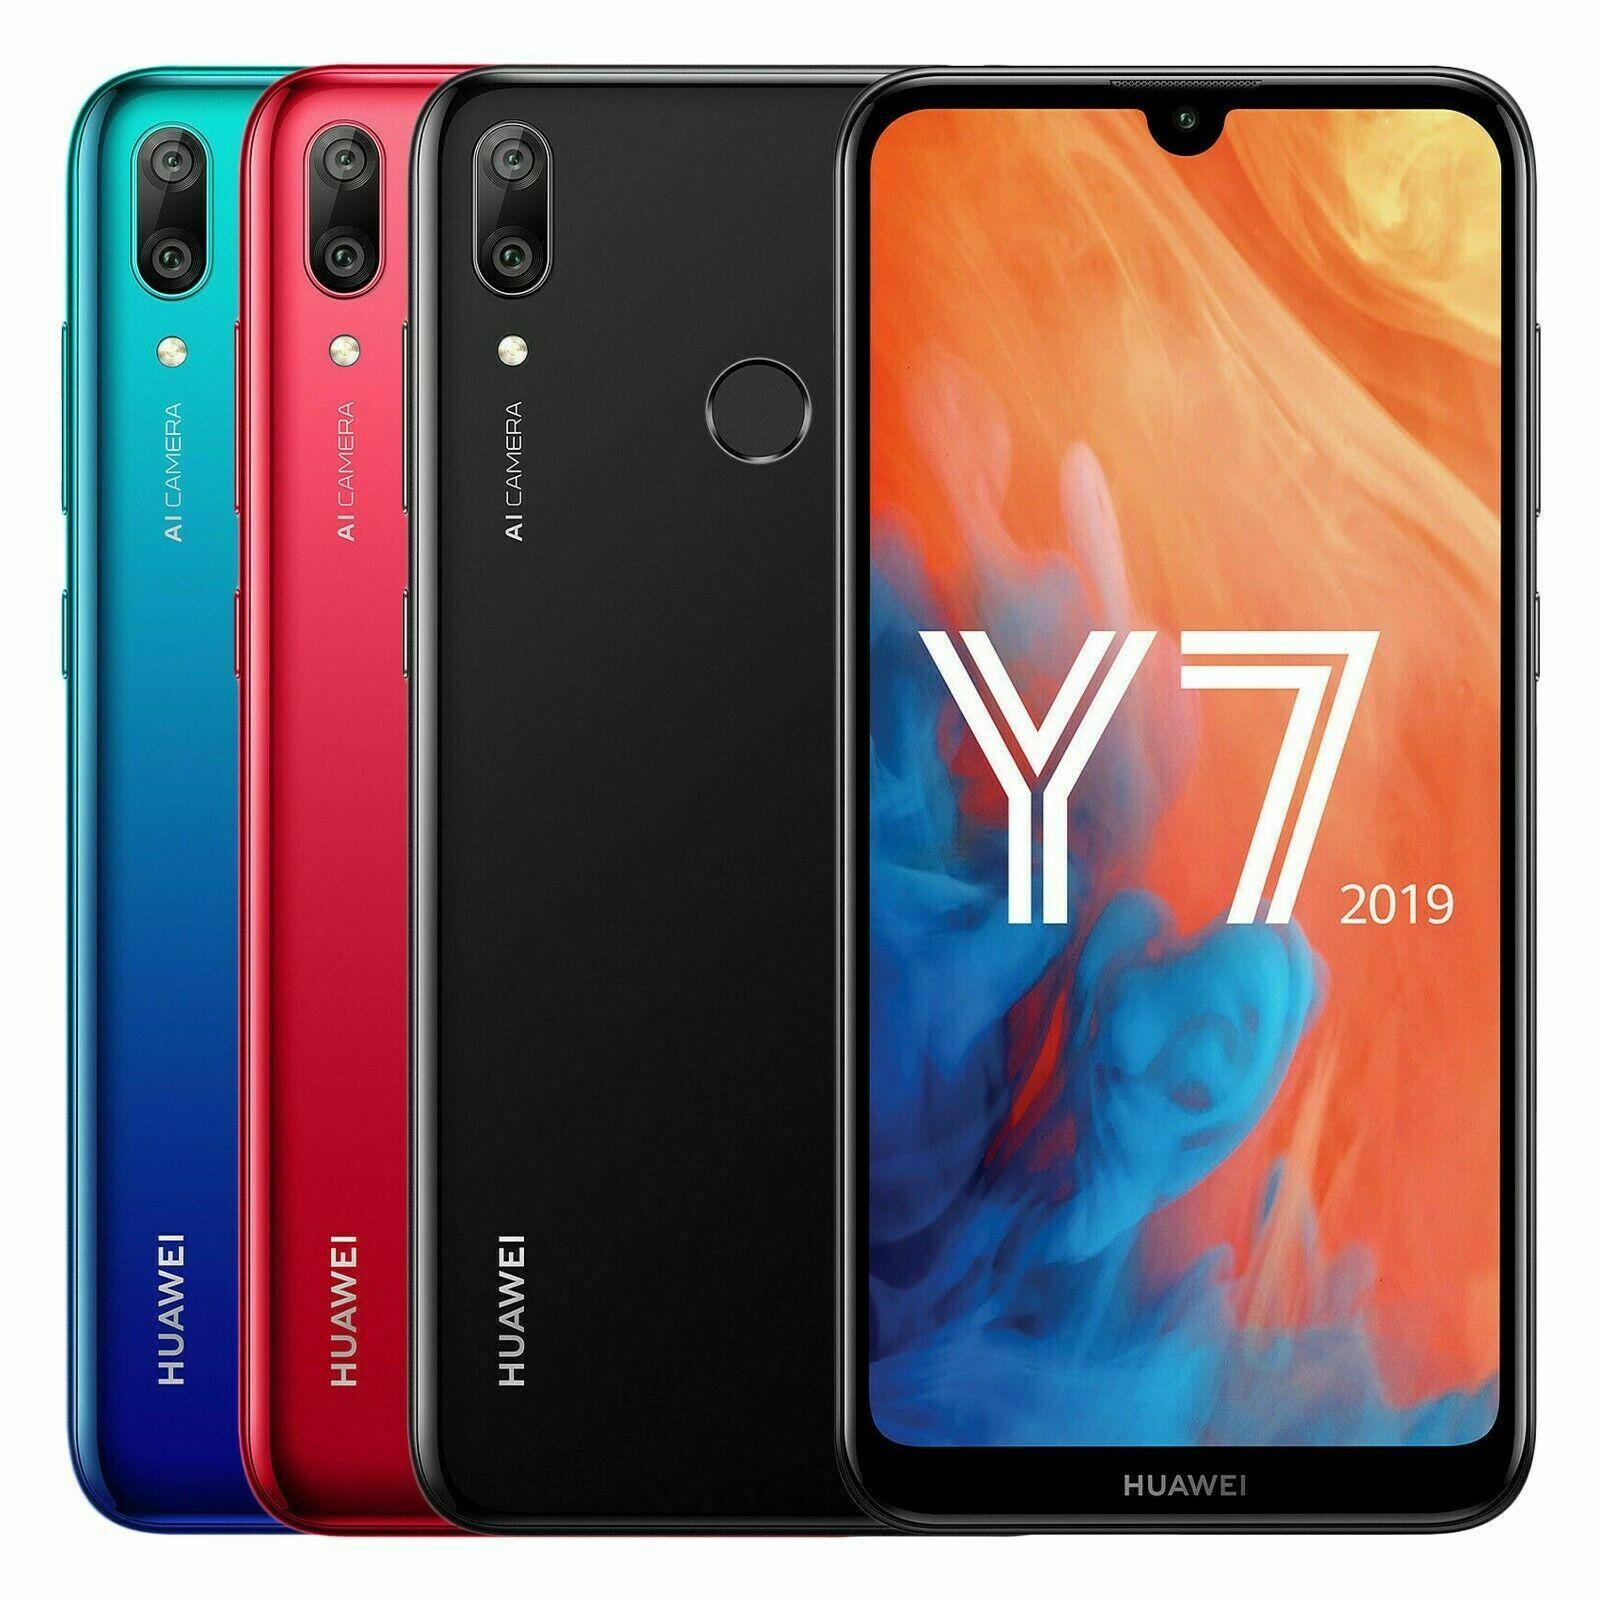 Come ripristinare Huawei Y7 2019